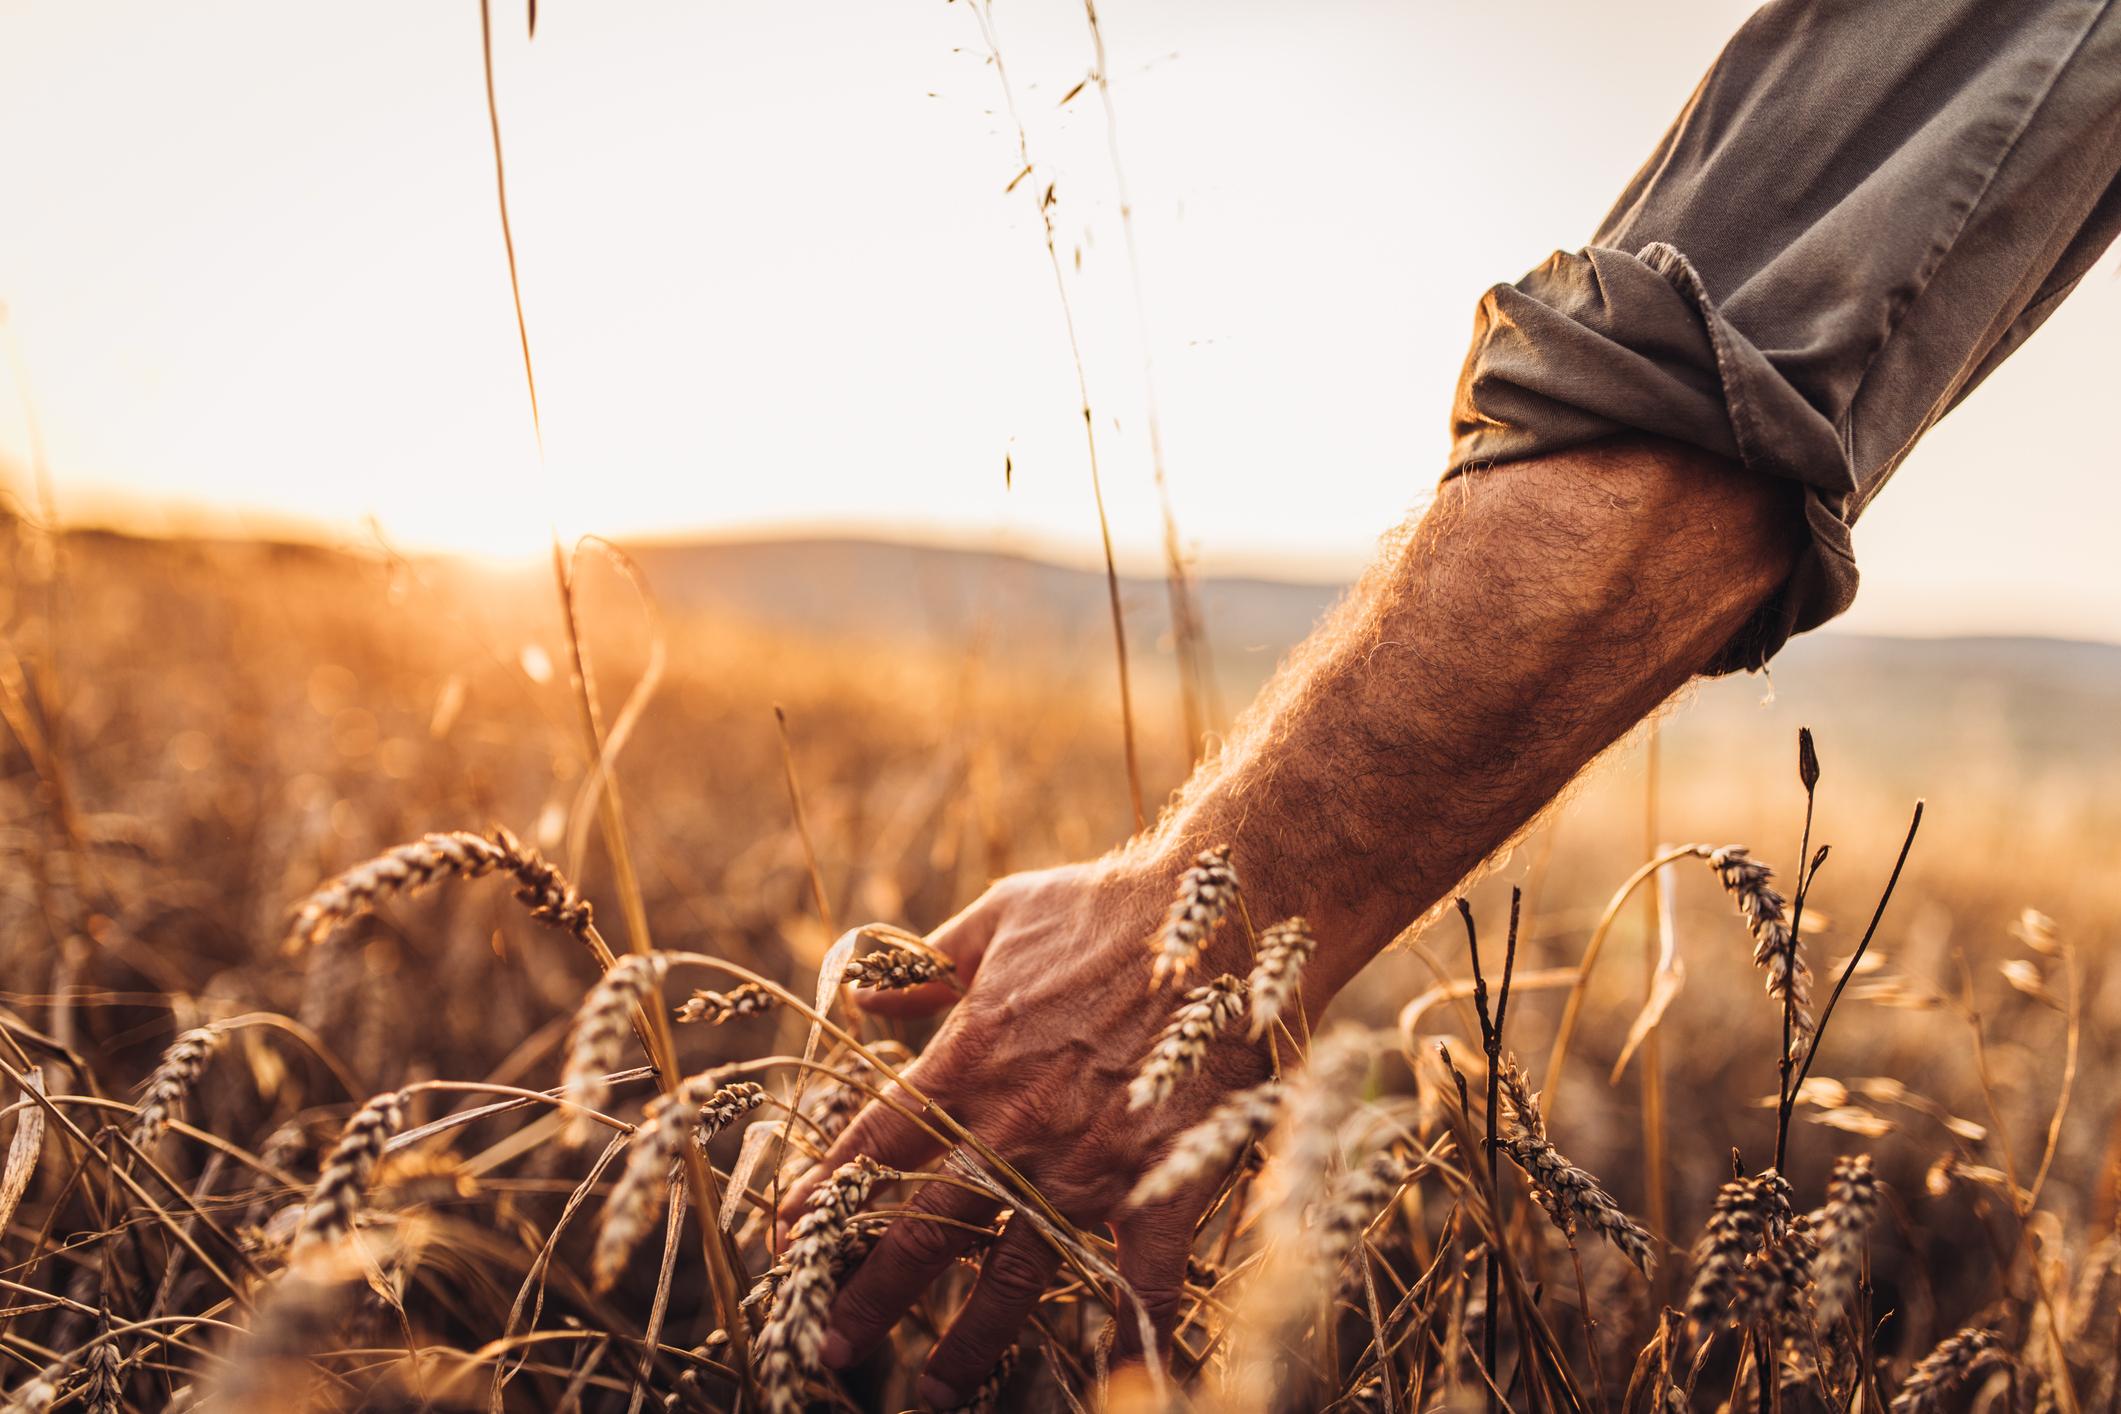 <p>В последния ден от ноември Православната църква почита паметта на св. Апостол Андрей Първозвани. За него се споменава в разказа за нахранването на народа с пет хляба. Българският народ отбелязва Андреевден като празник на семето (зърното).</p>